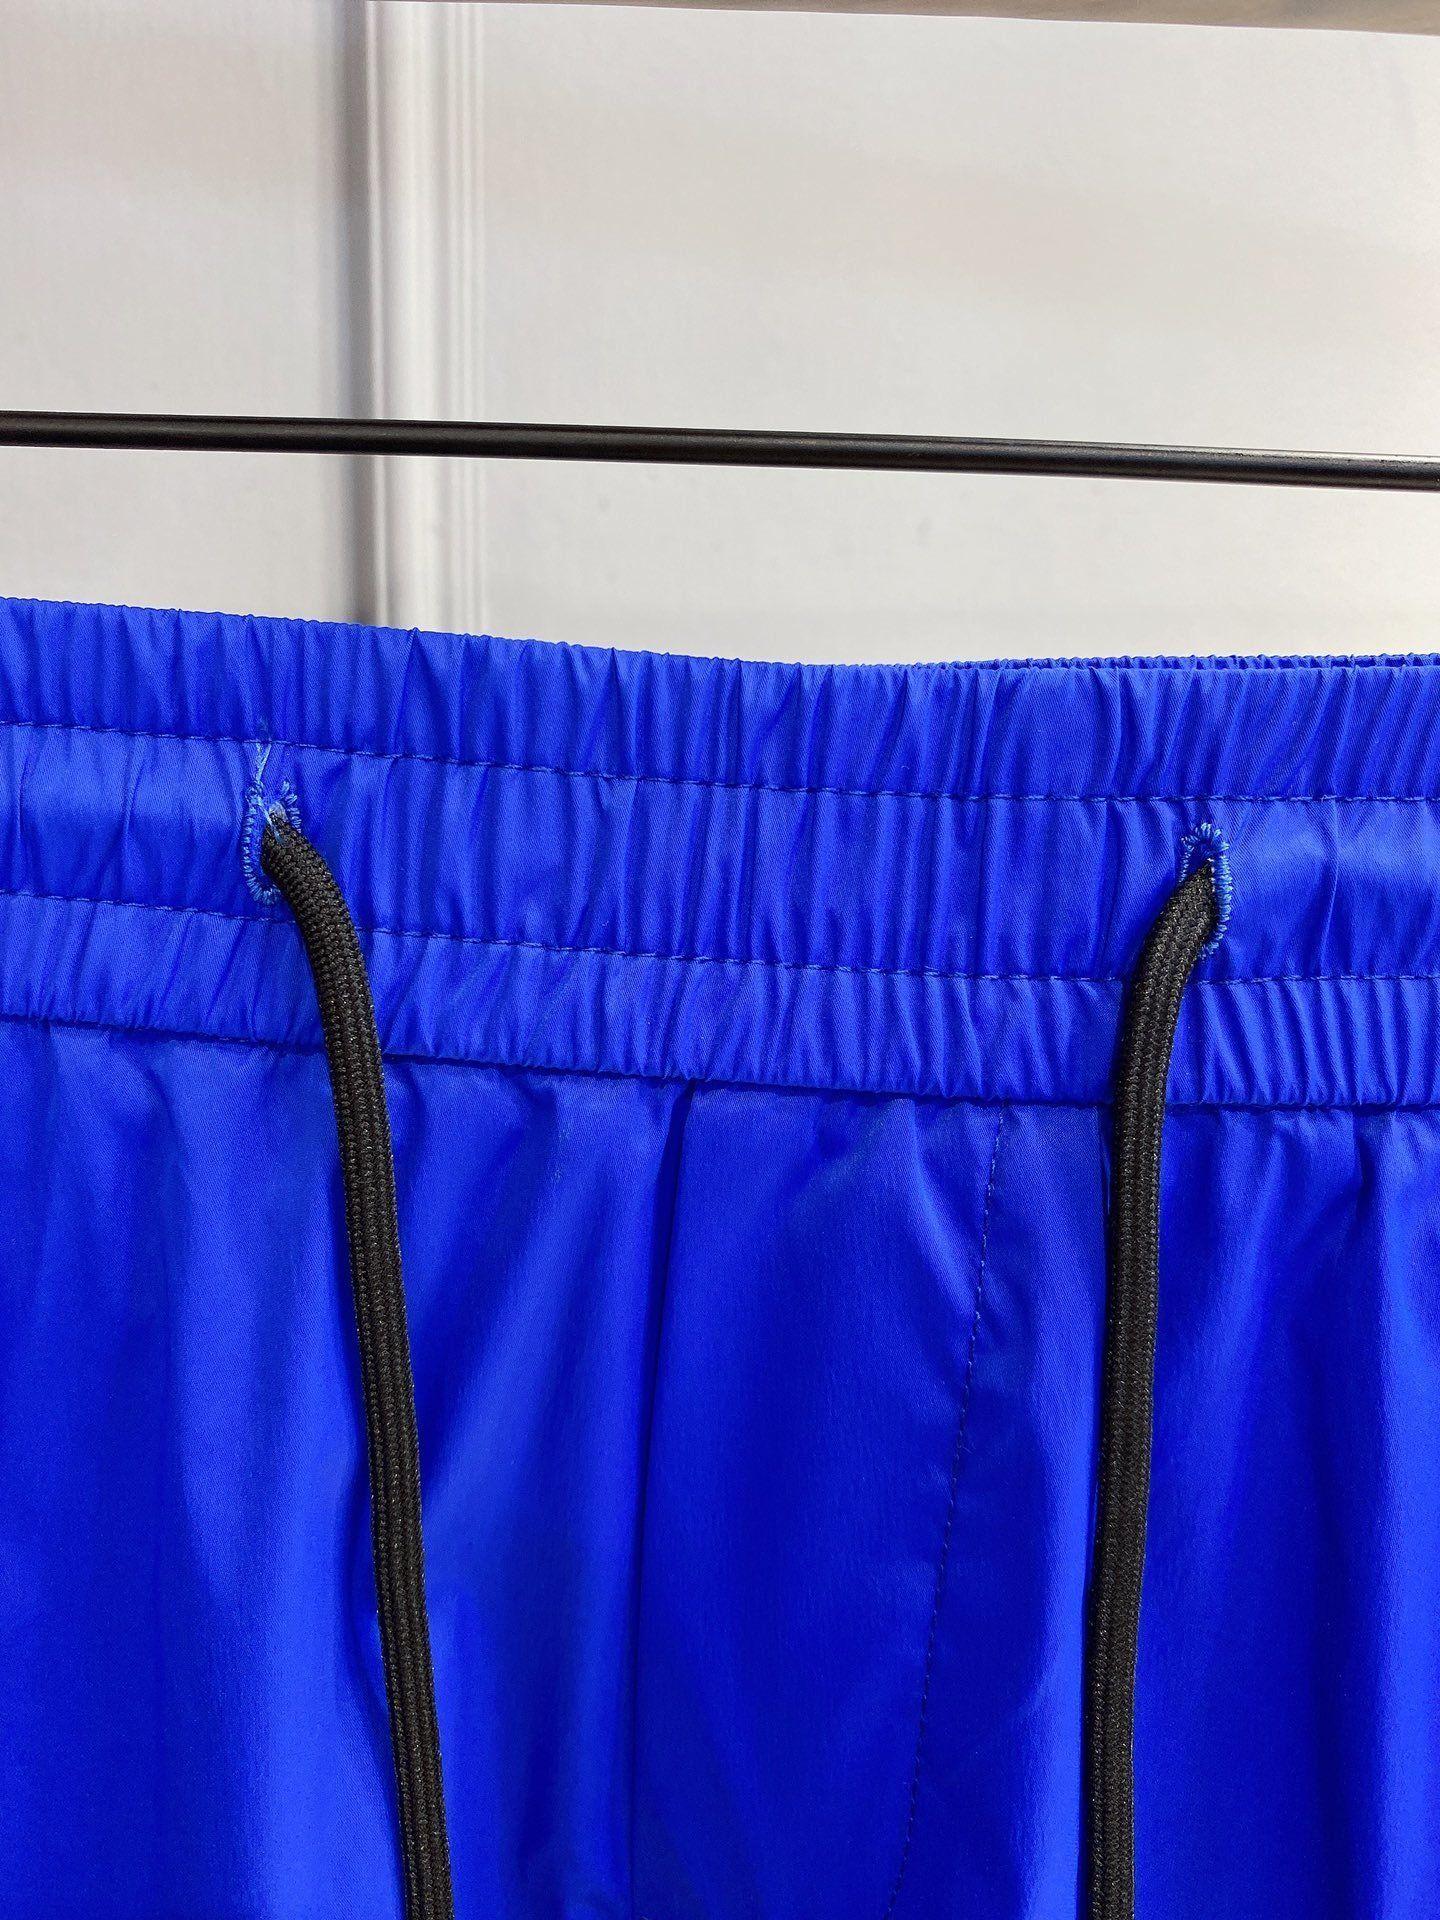 maglietta dei vestiti di uomini del progettista mens preferita la nuova messa in vendita affrettata nuova migliore vendita della molla semplice bello classico bella 3H2C